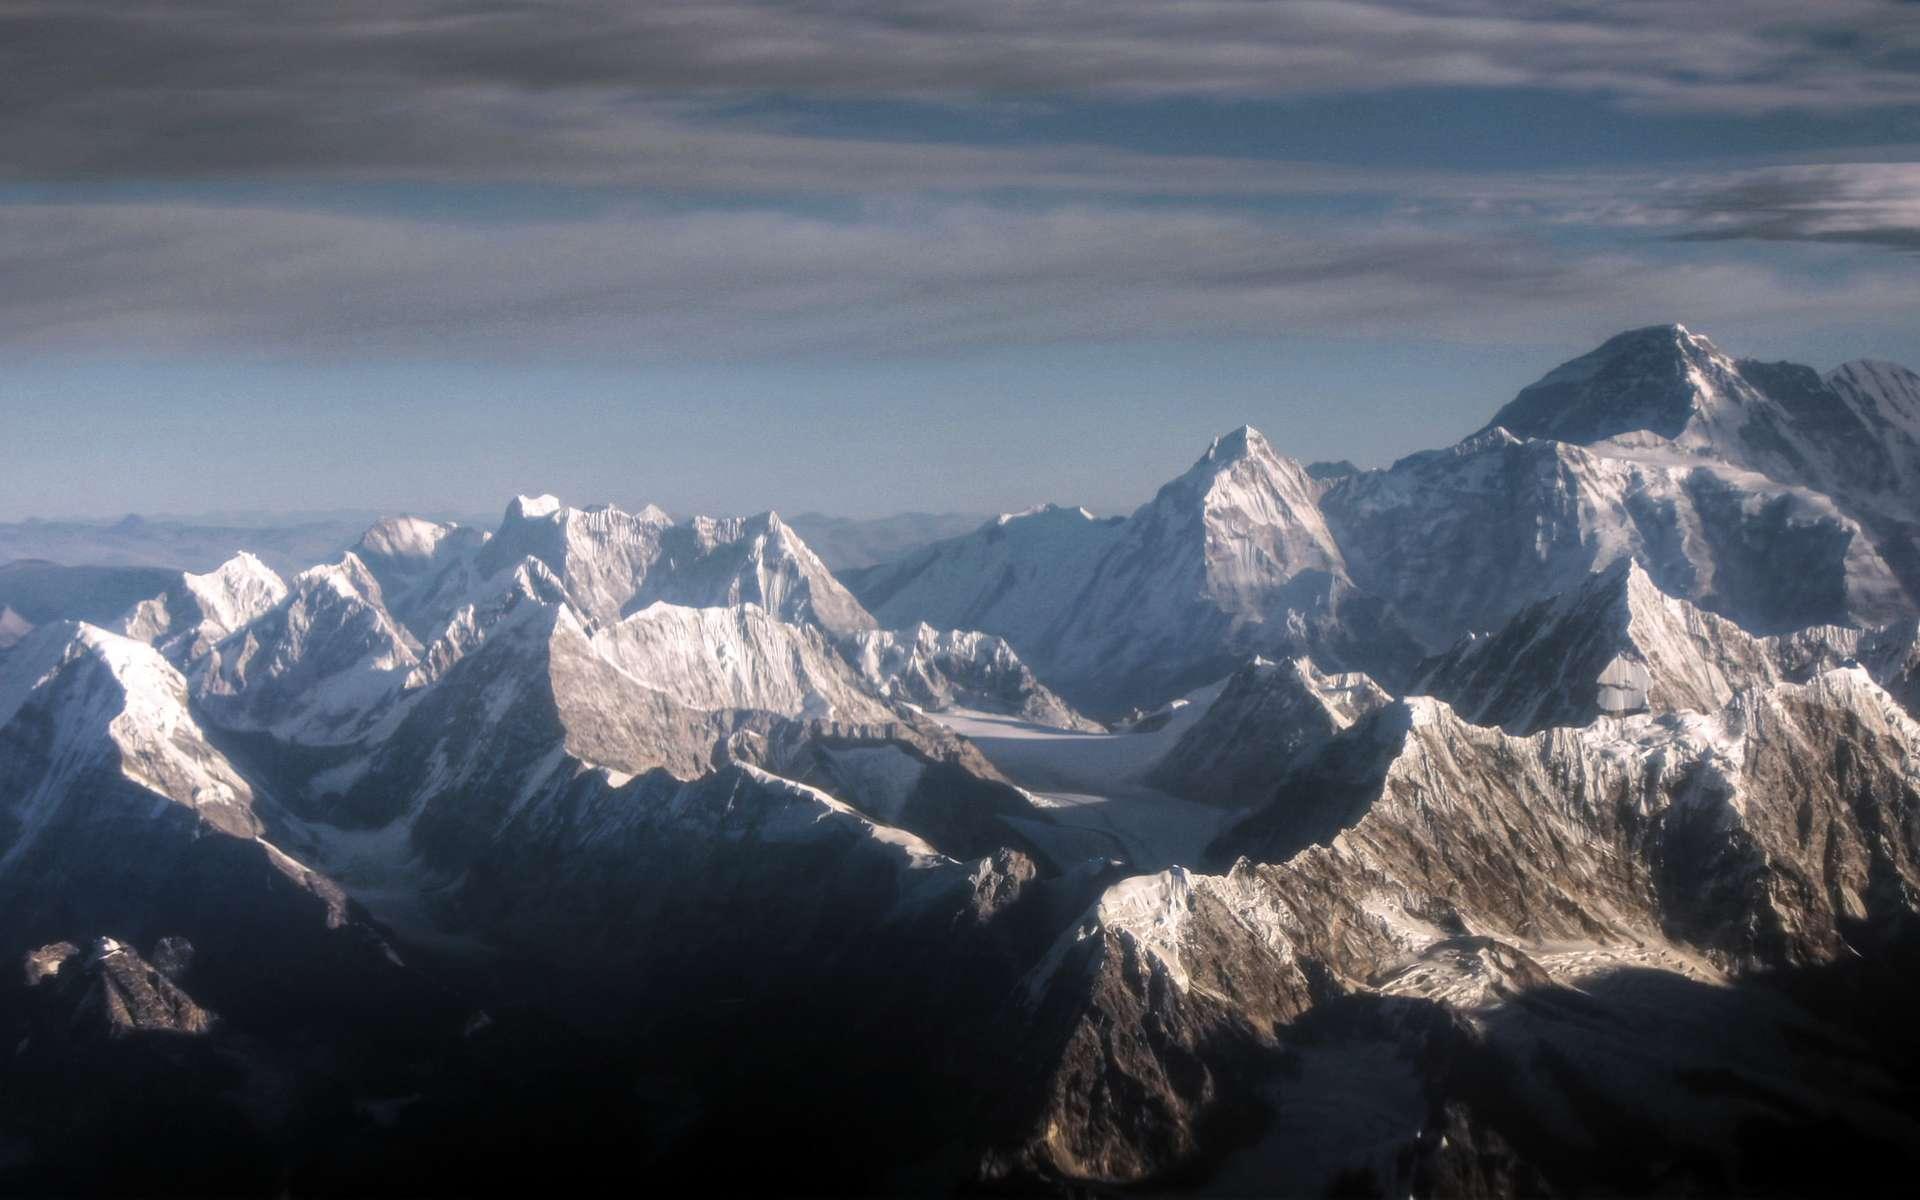 Les glaciers de l'Himalaya sont menacés par le réchauffement climatique. © Mariusz Kluzniak, Flickr